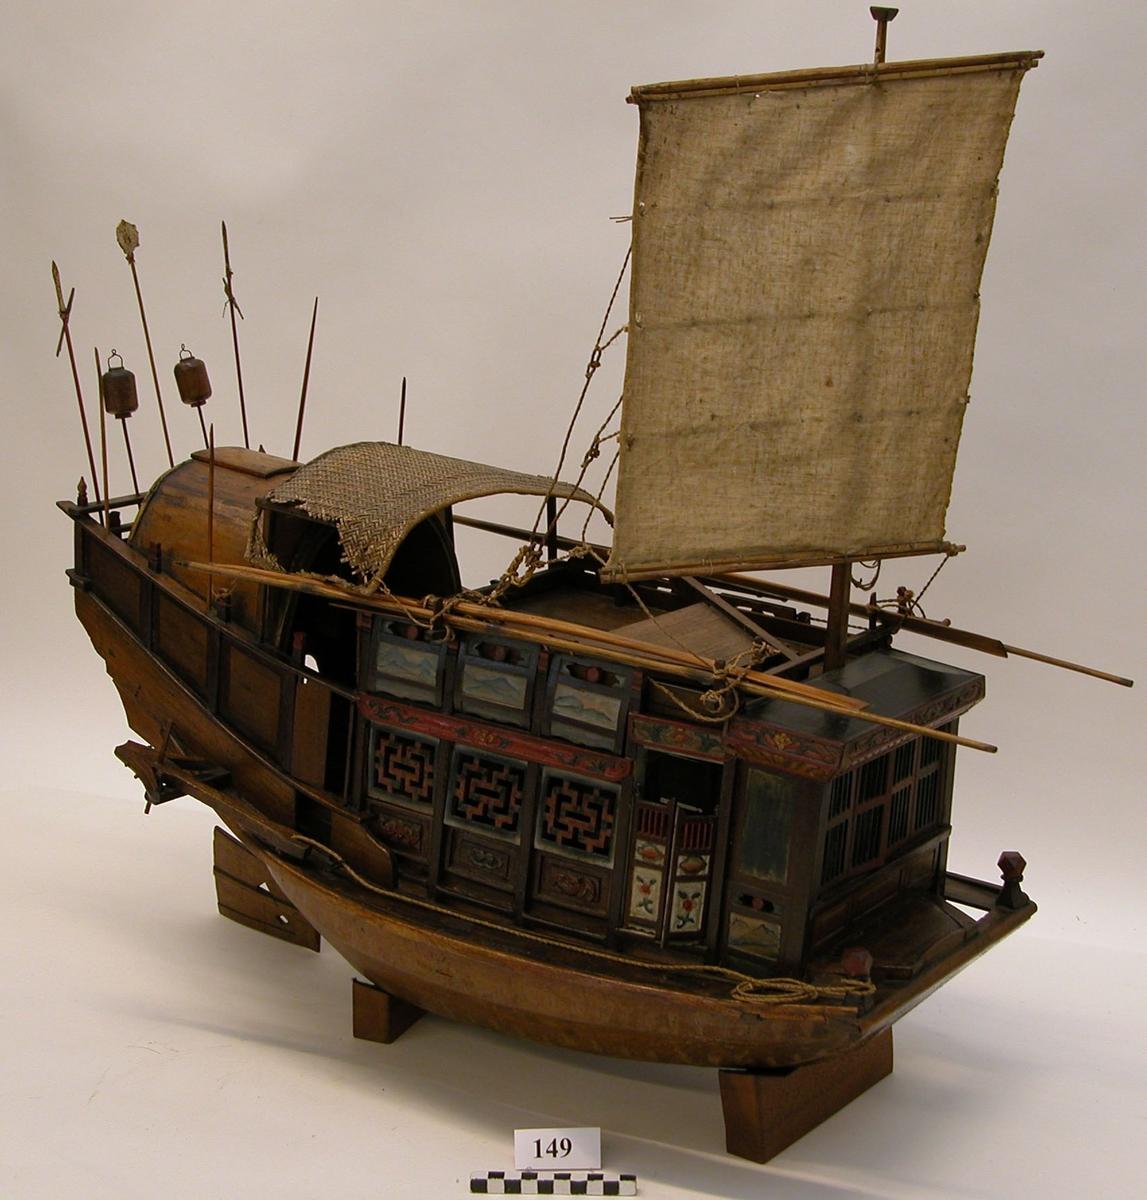 Chinesisk Champon, en offentlig djonk använd av höga ämbetsmän under resa. Modell av trä, fernissad och målad i olika färger, tacklad och inredd, med en mast med segel, samt ett solskydd.